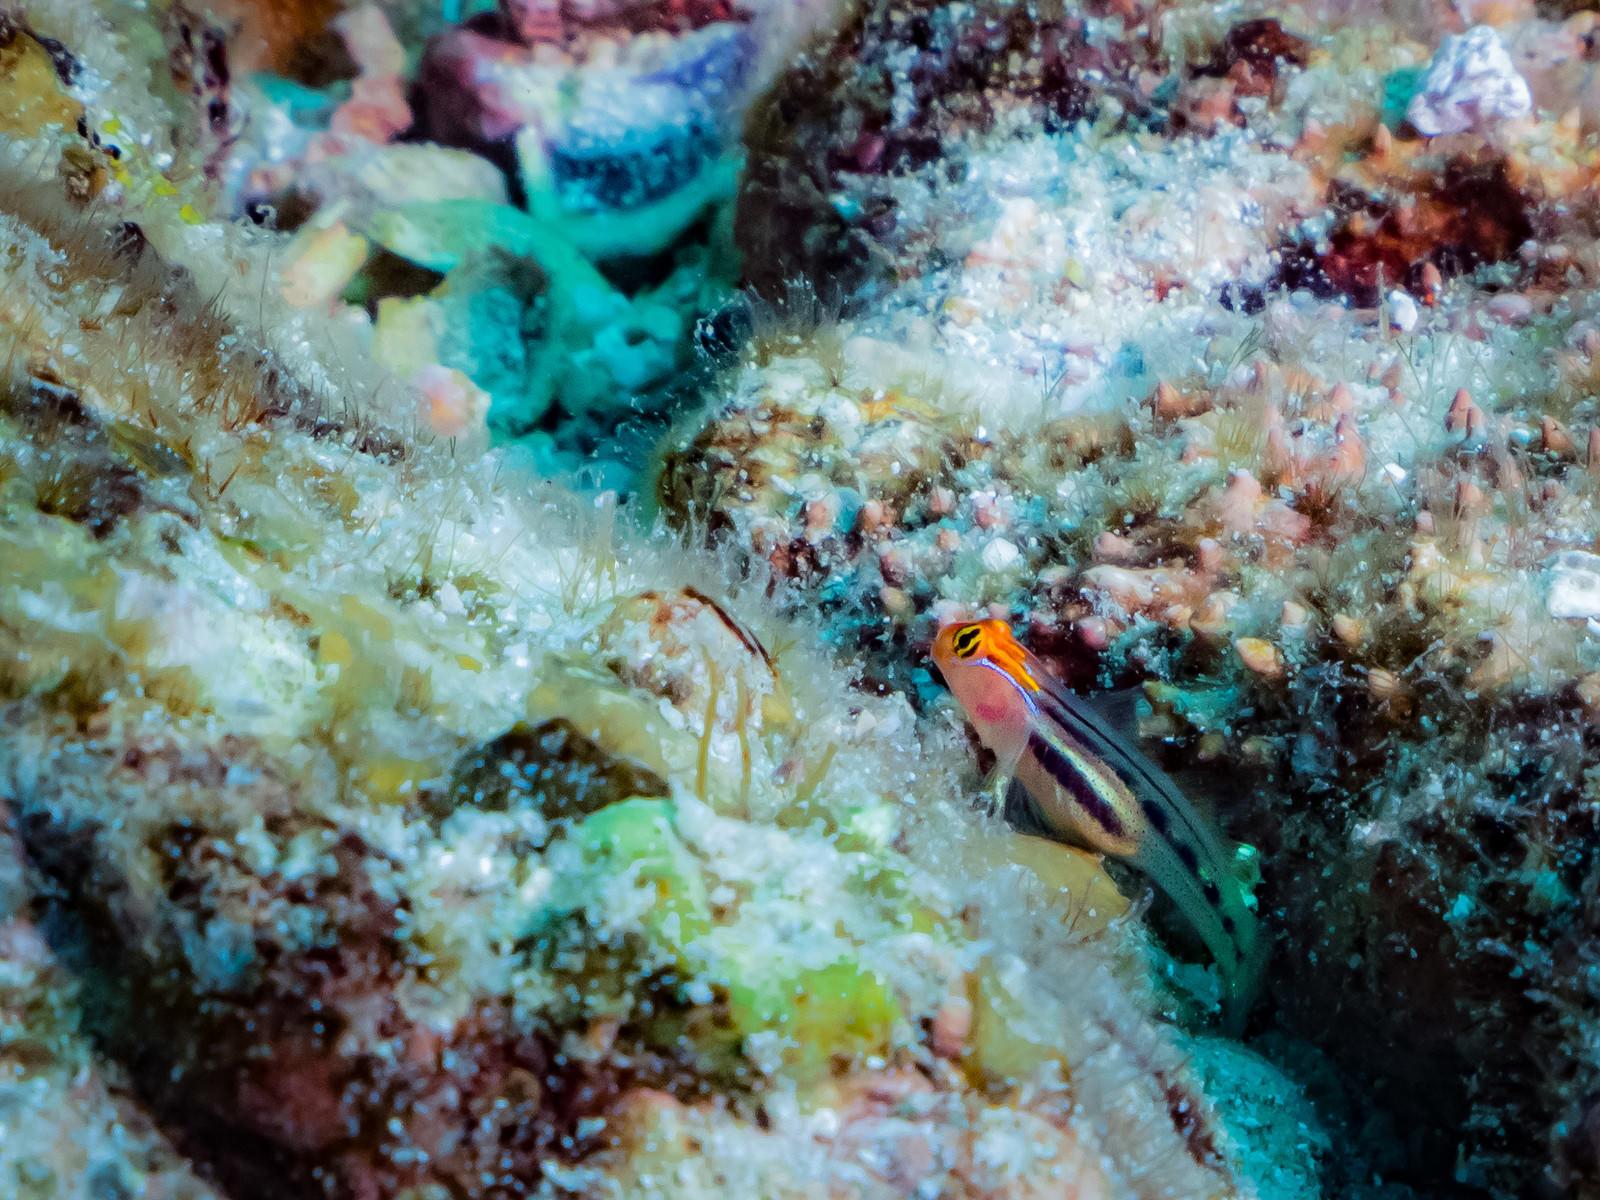 「海中の岩間に潜むレッドヘッドゴビー」の写真